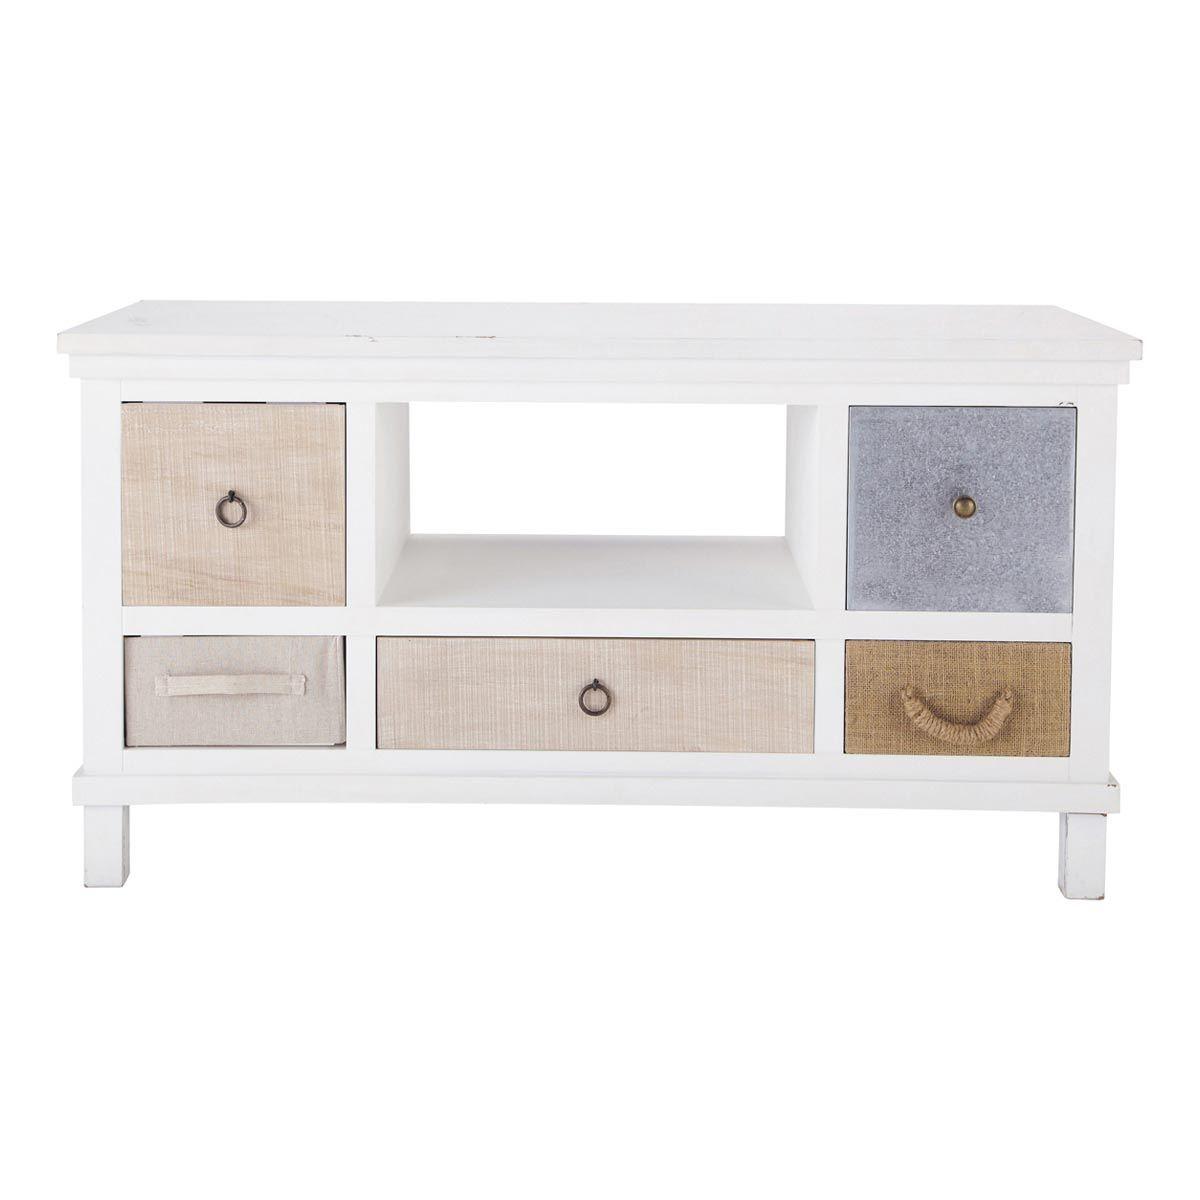 meuble tv blanc ouessant maisons du monde salon - Meuble Tv White Maison Du Monde